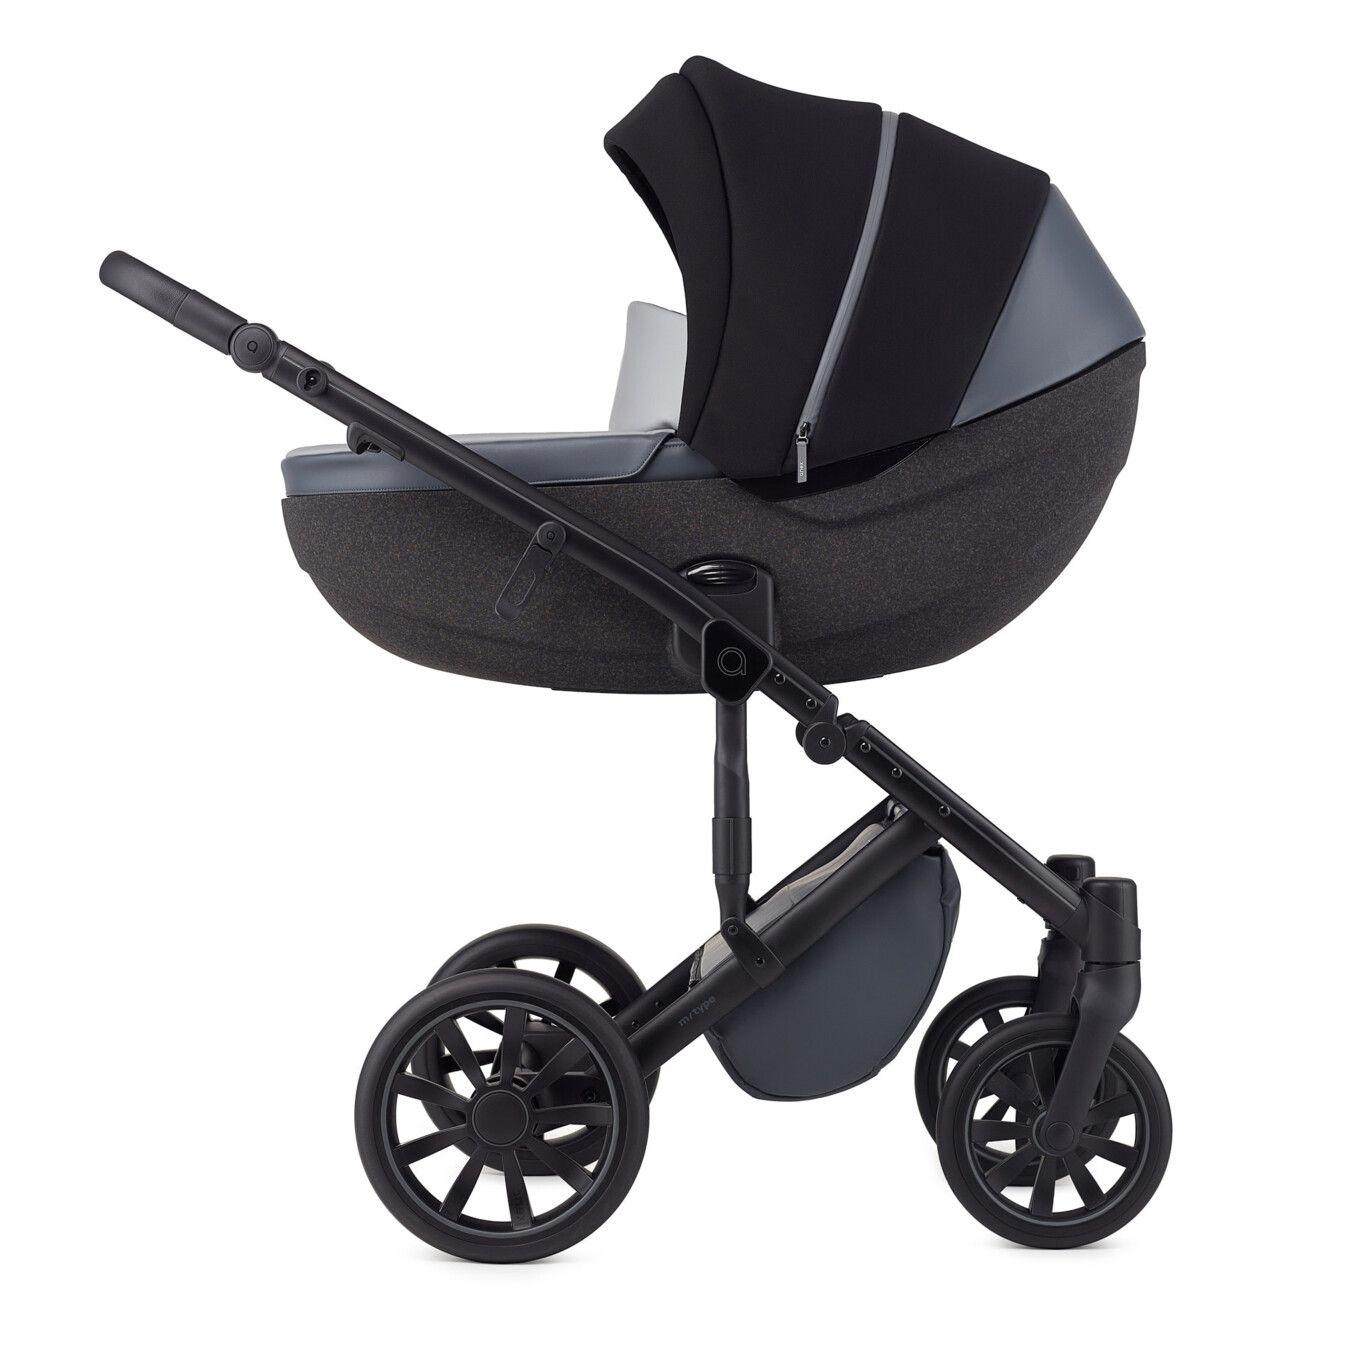 Anex Baby M/Type PRO